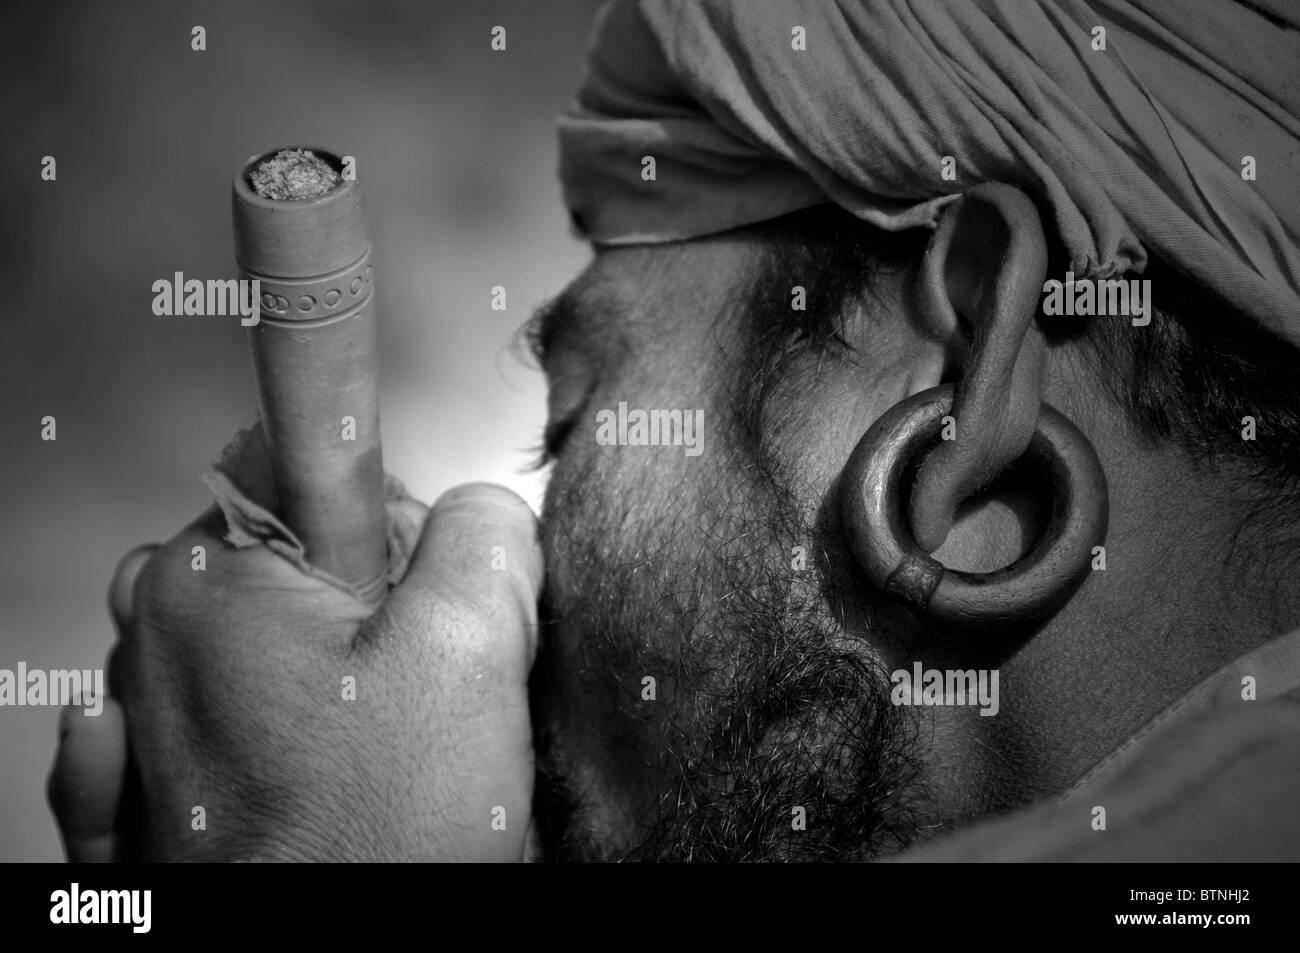 Sadhu smoking the chillum. - Stock Image